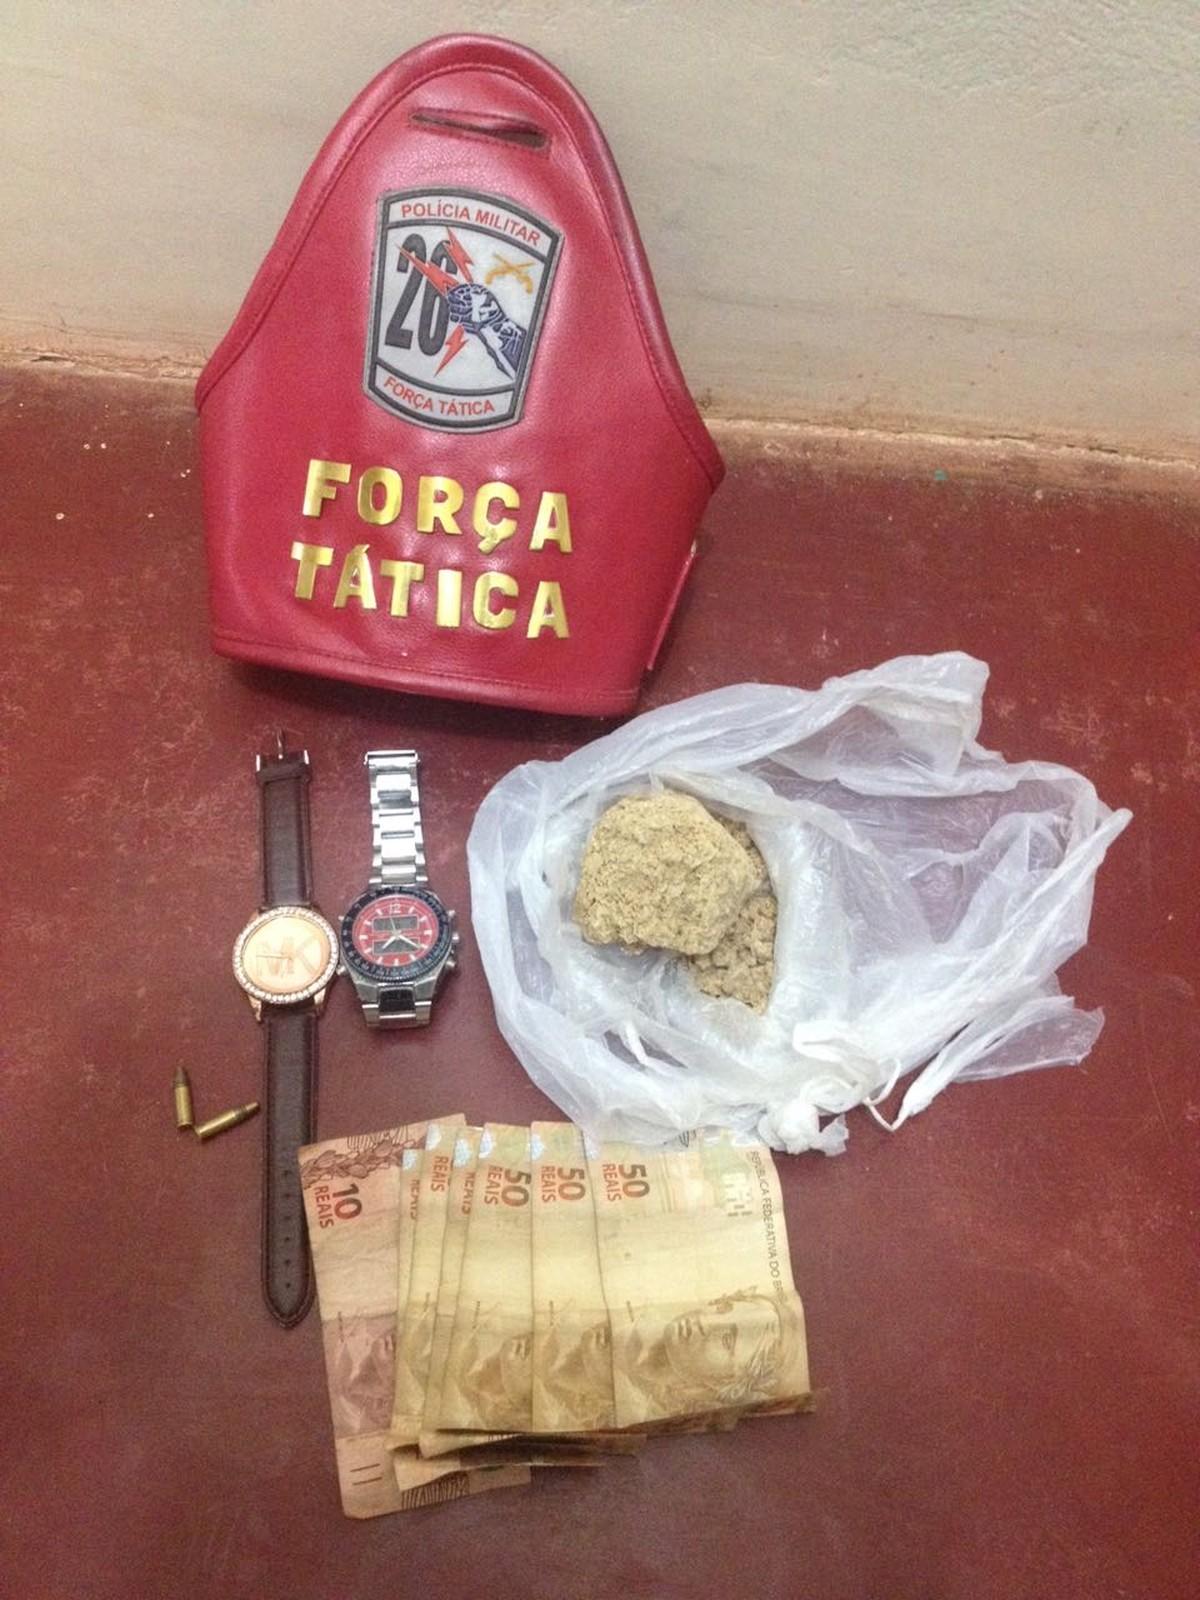 Dupla é presa com pasta base de cocaína e munições em Caracaraí, Sul de RR